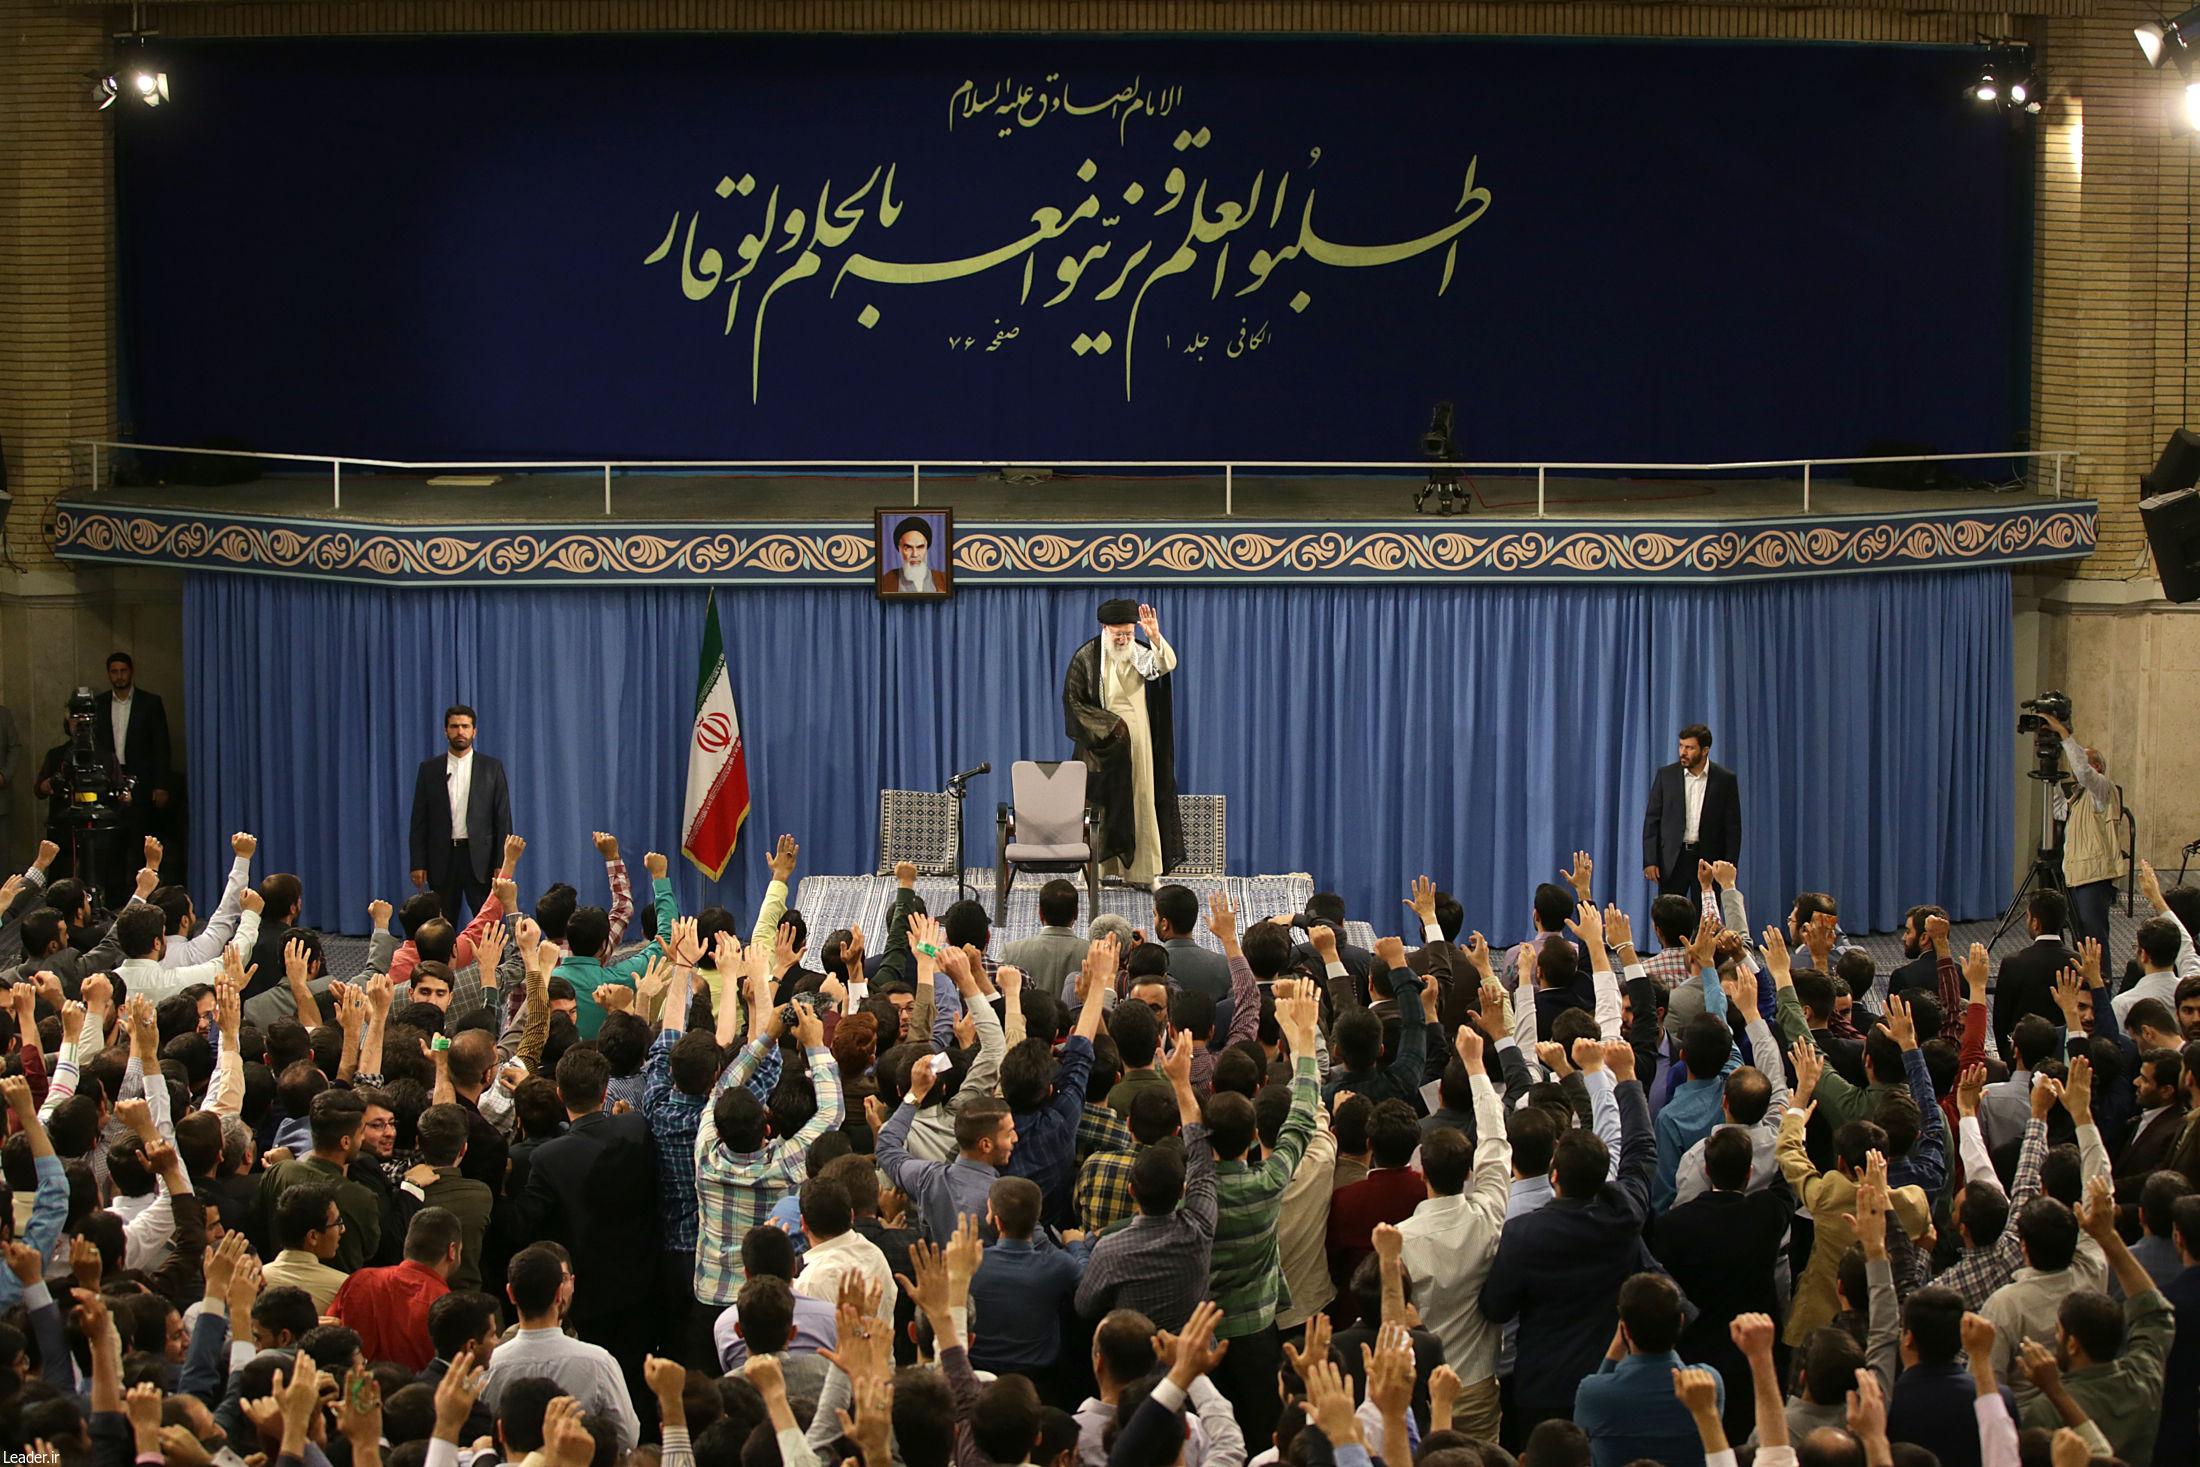 دستنوشته جالب دانشجویان خوزستانی در دیدار با رهبر انقلاب